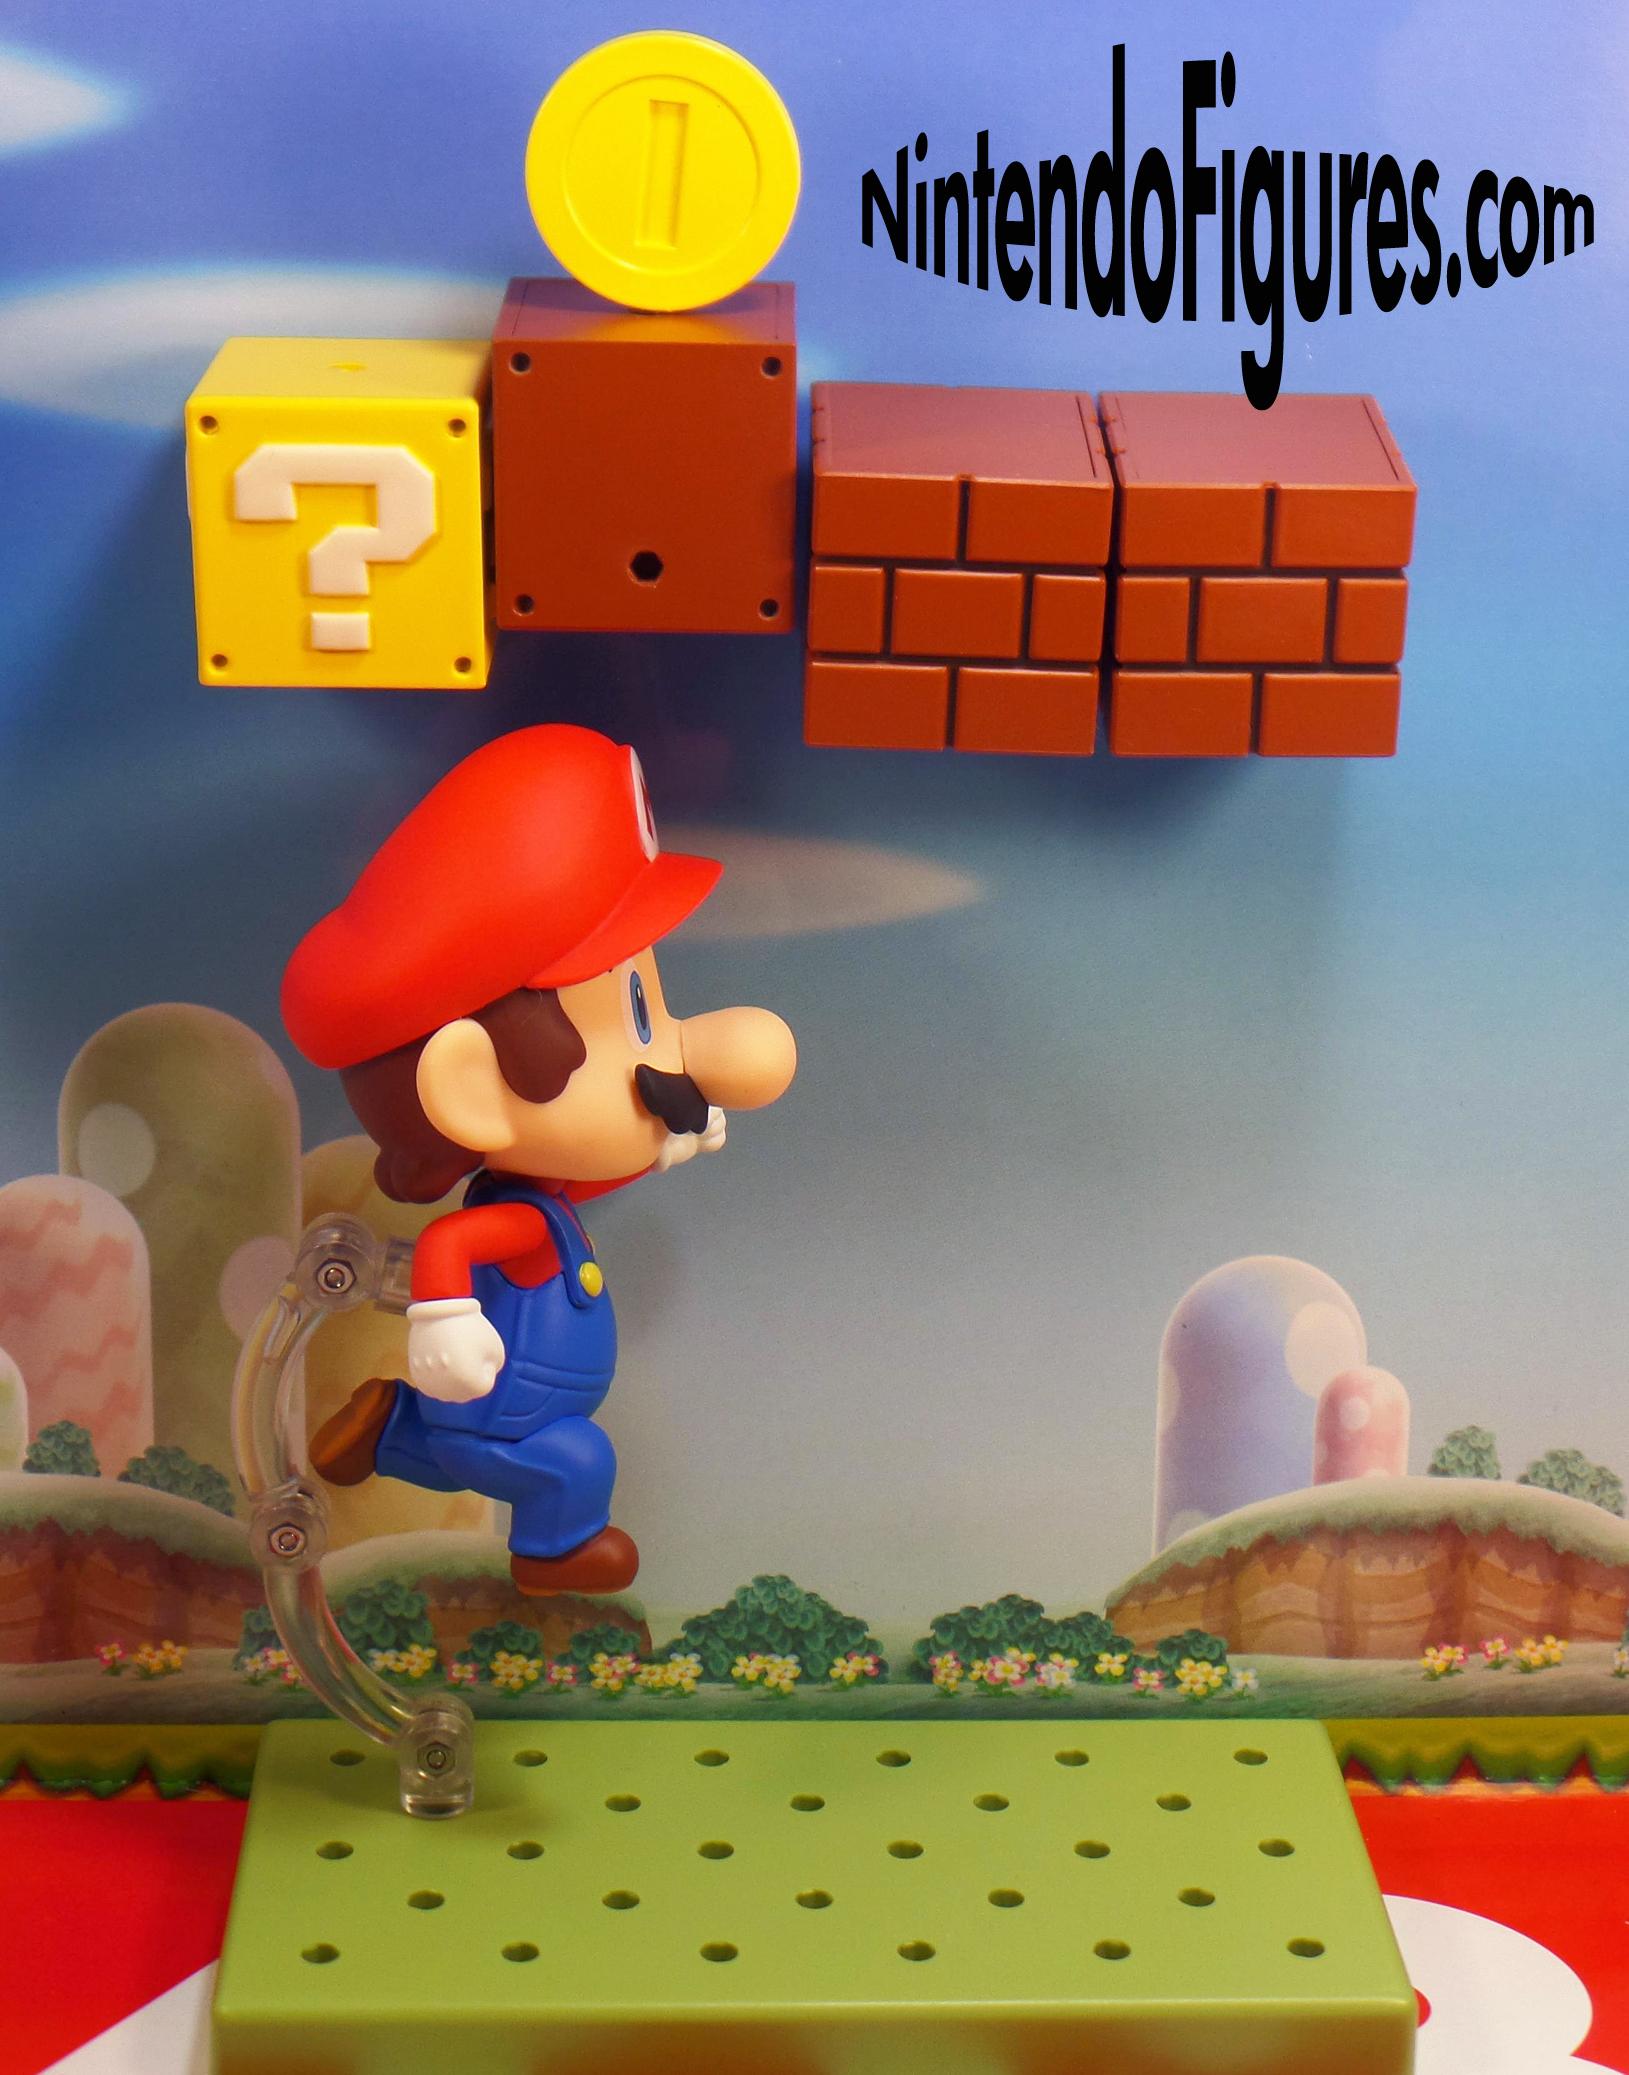 Mario Nendoroid Review – NintendoFigures.com